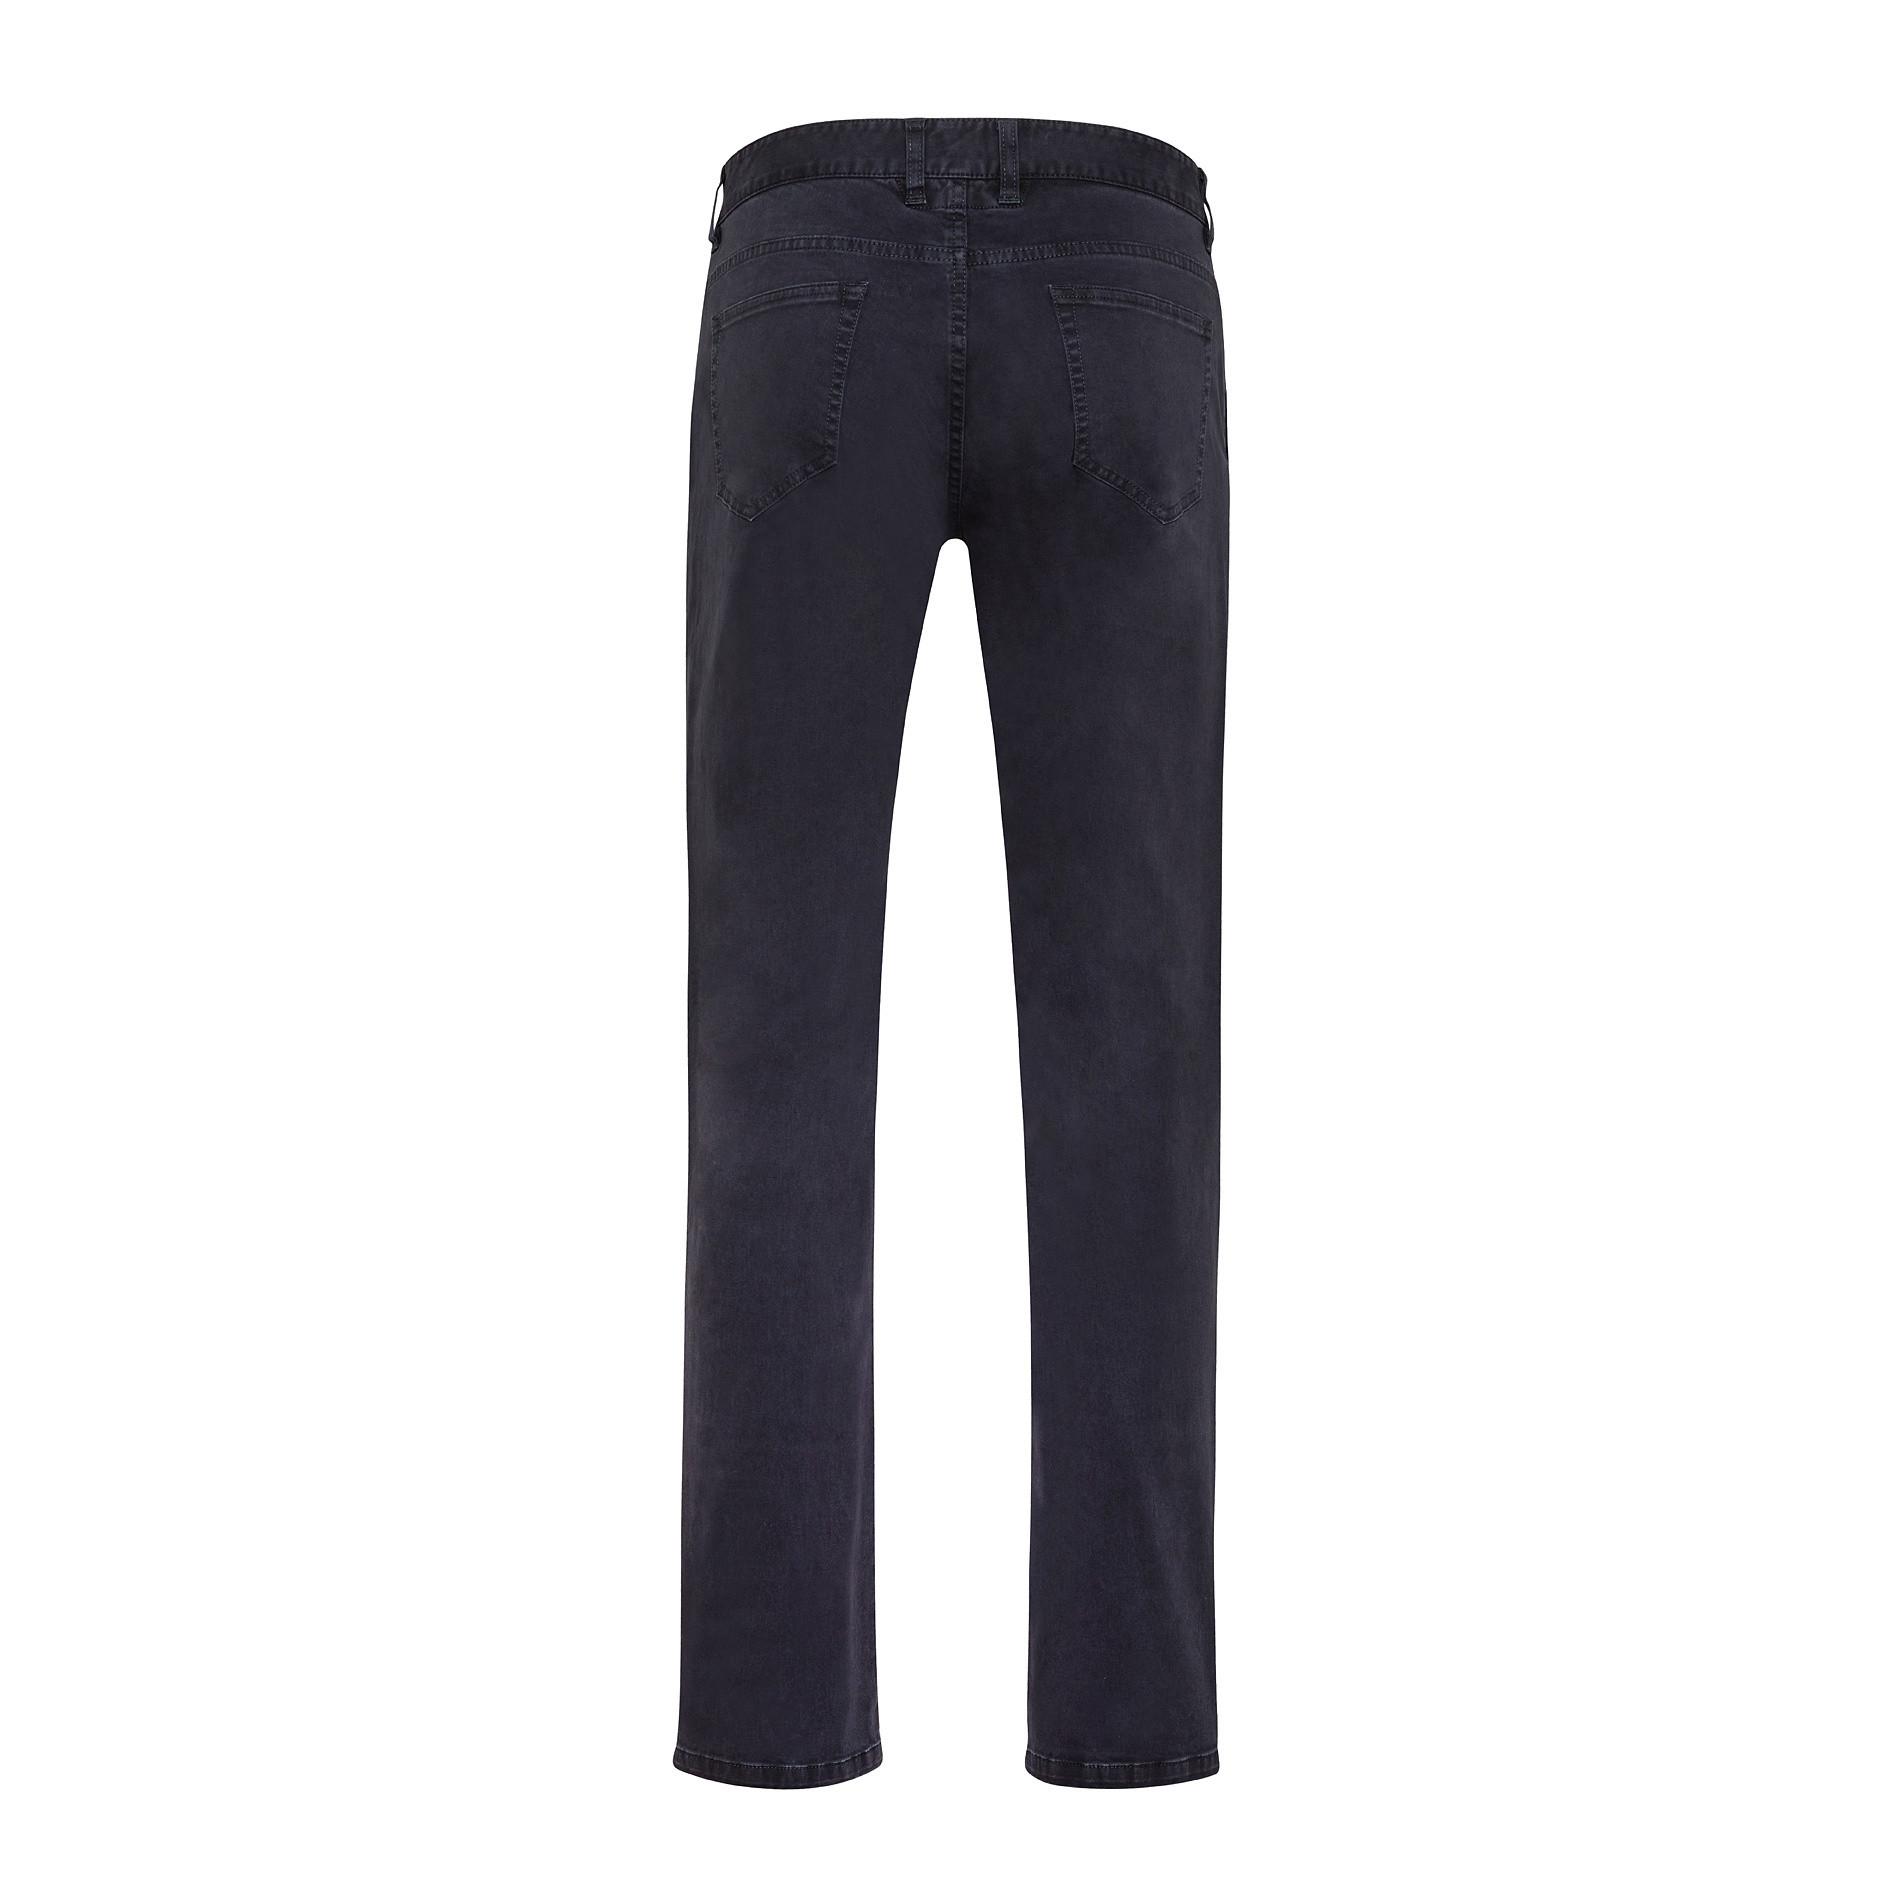 Pantaloni chino in tessuto stretch, Blu scuro, large image number 0